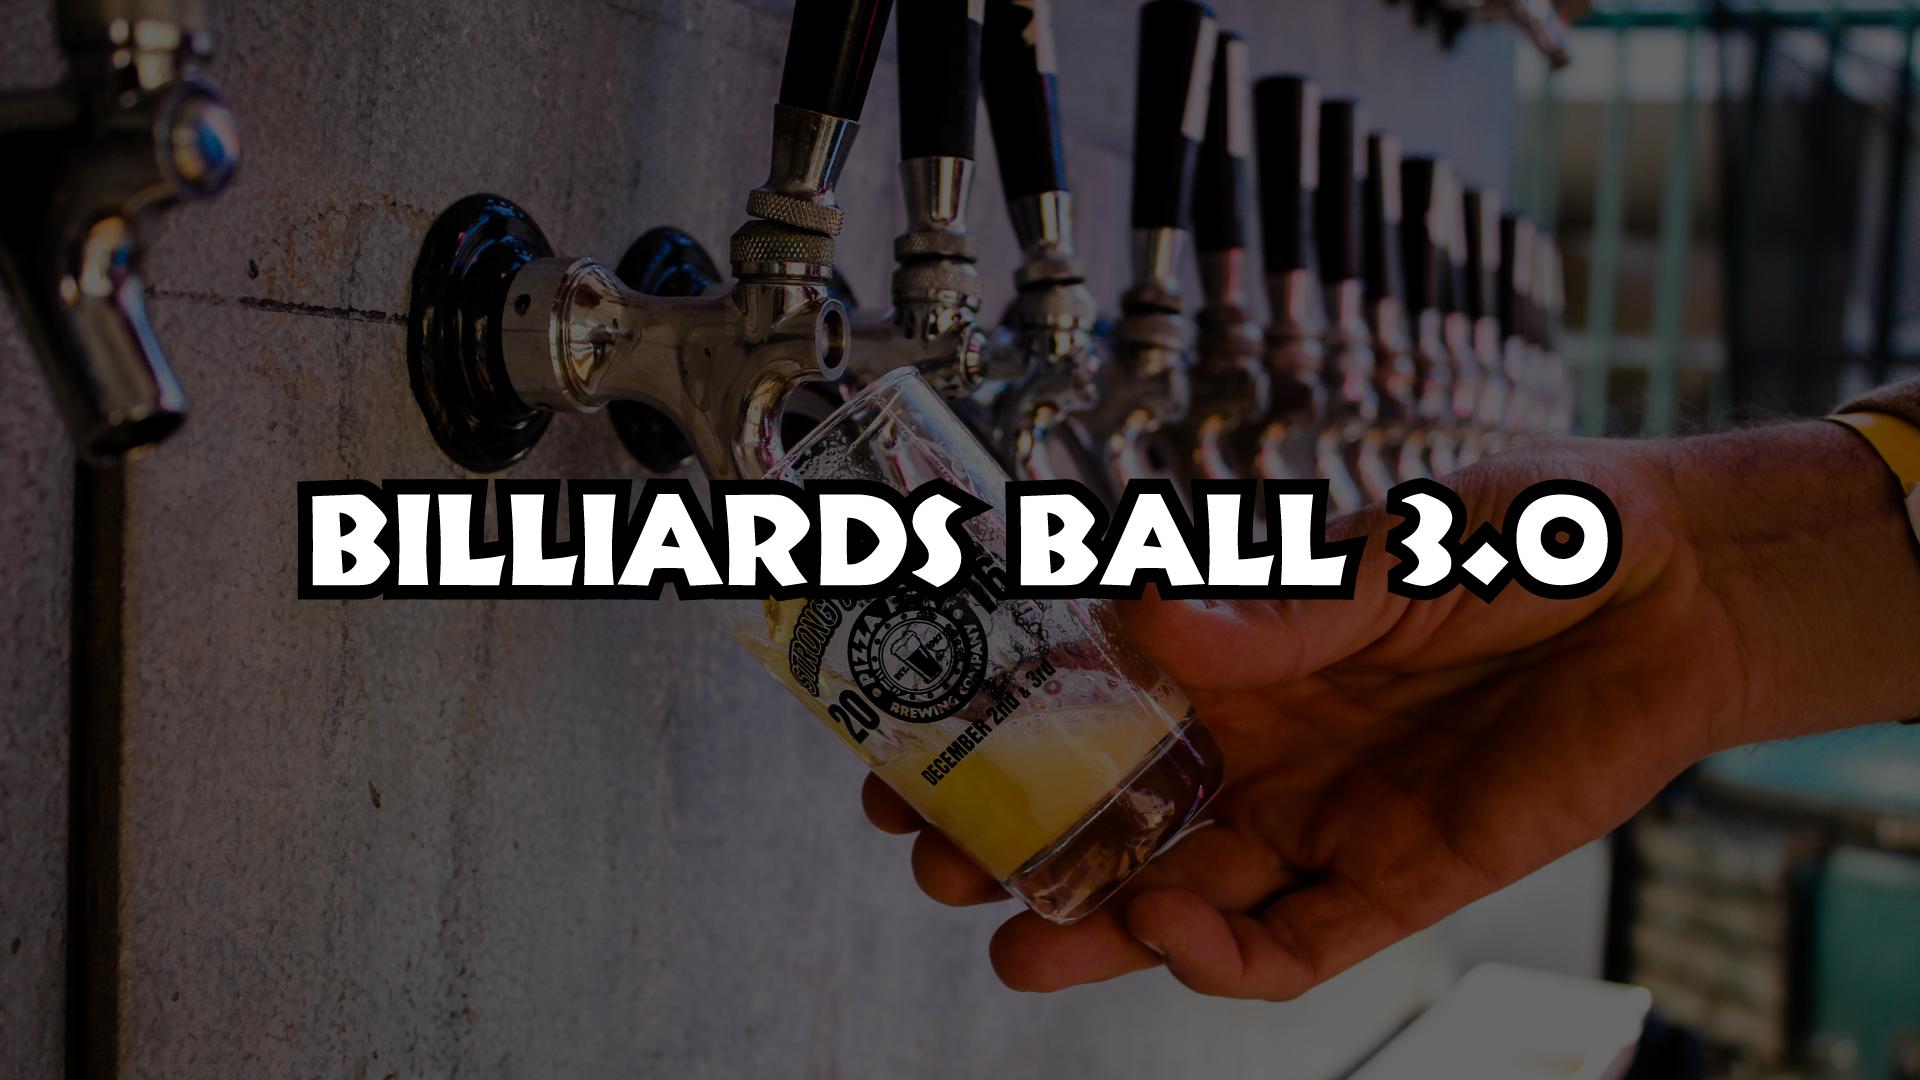 Billiards Ball 3.0